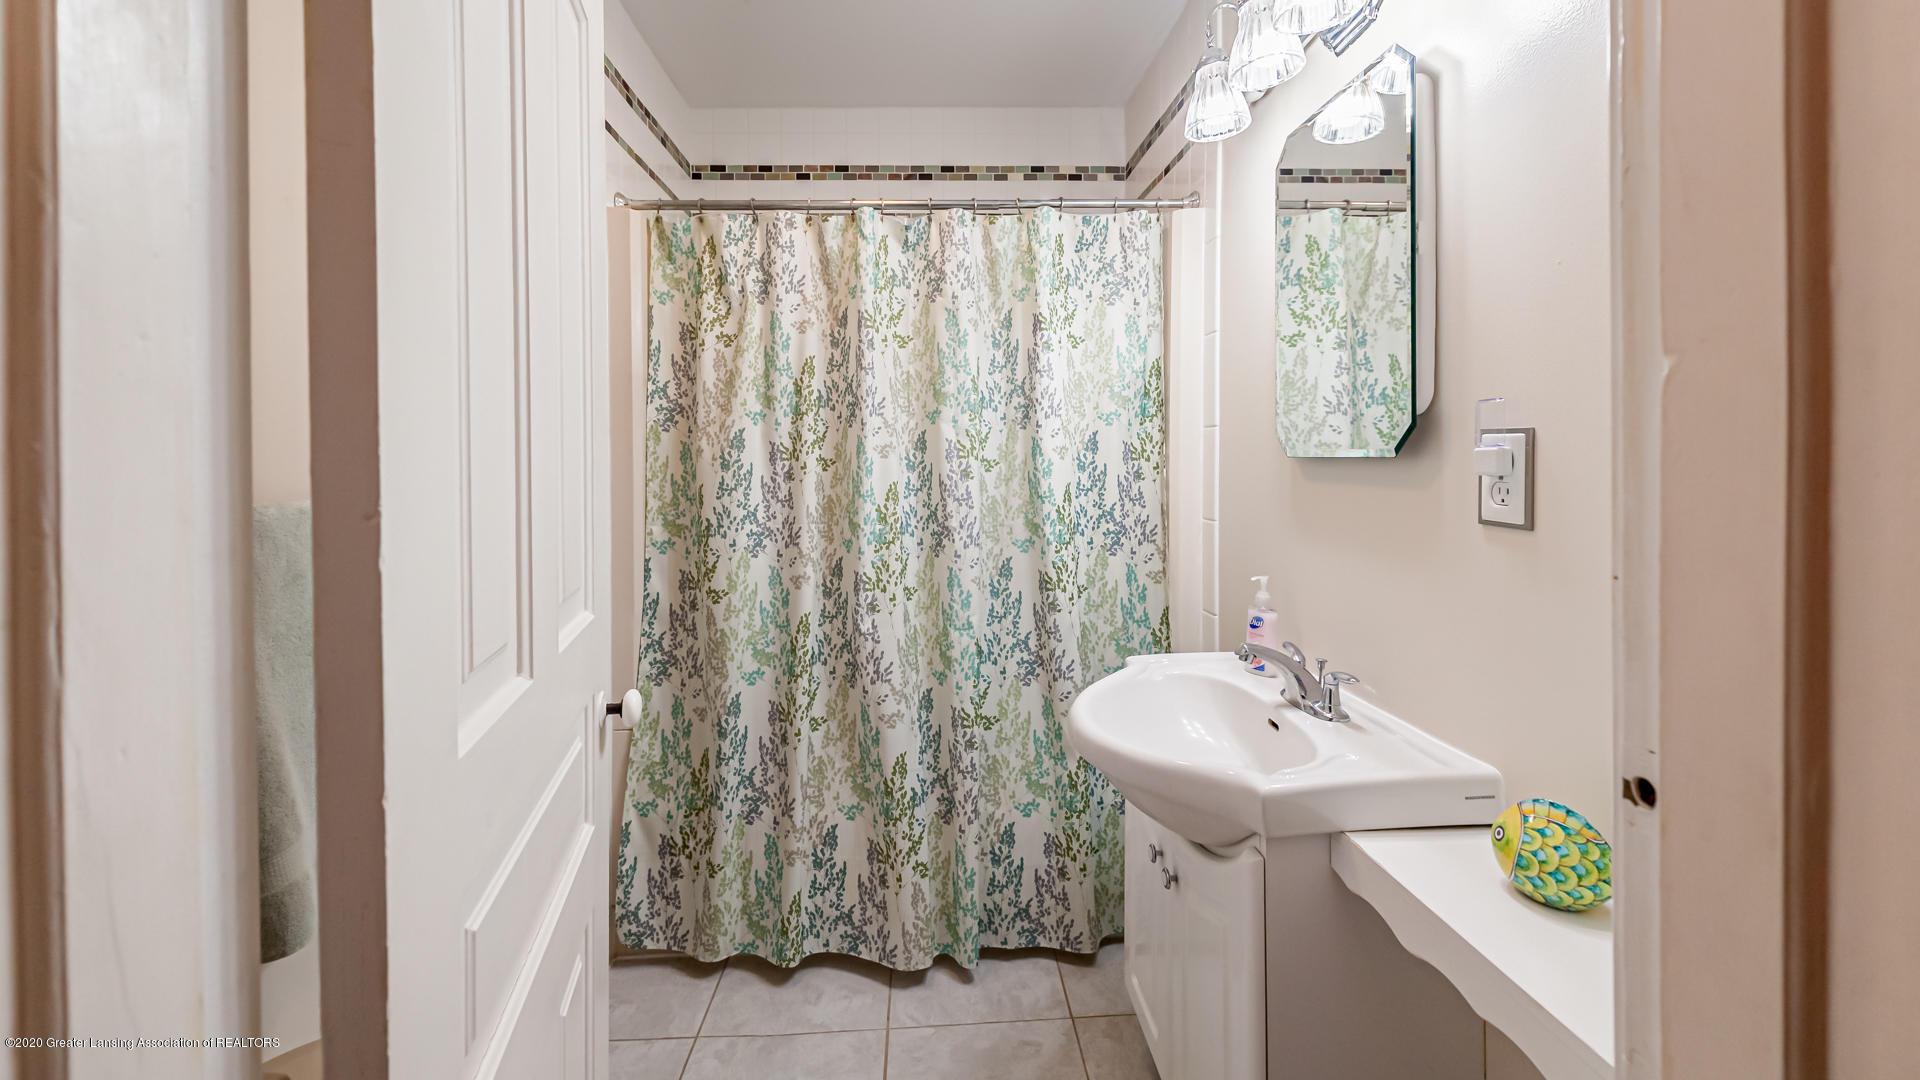 815 W Jefferson St - Bathroom - 11